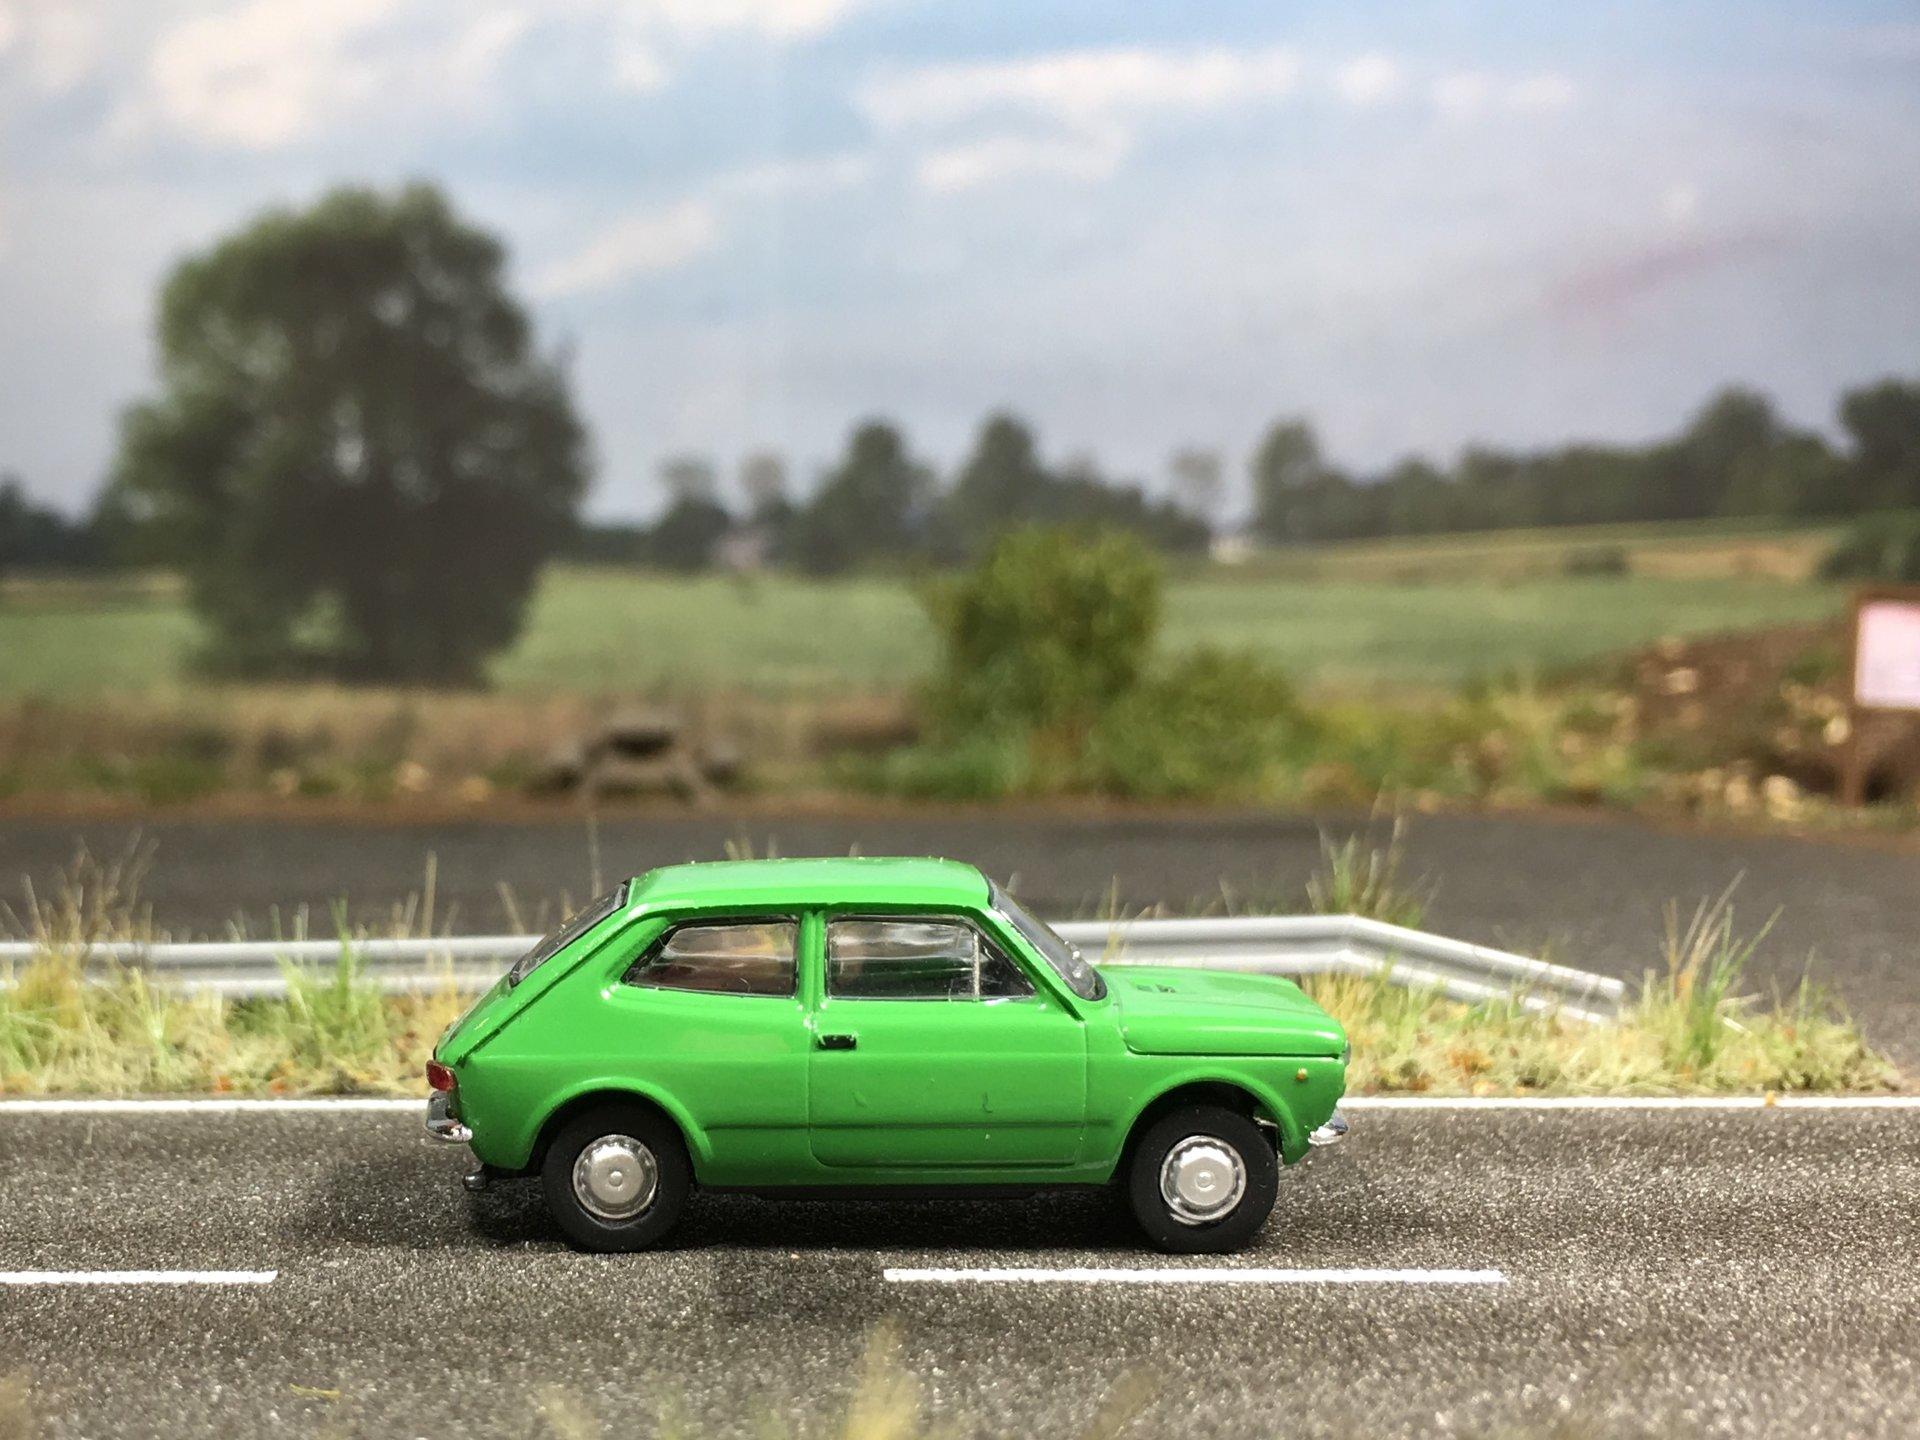 Fiat 127 zielony 004.jpg